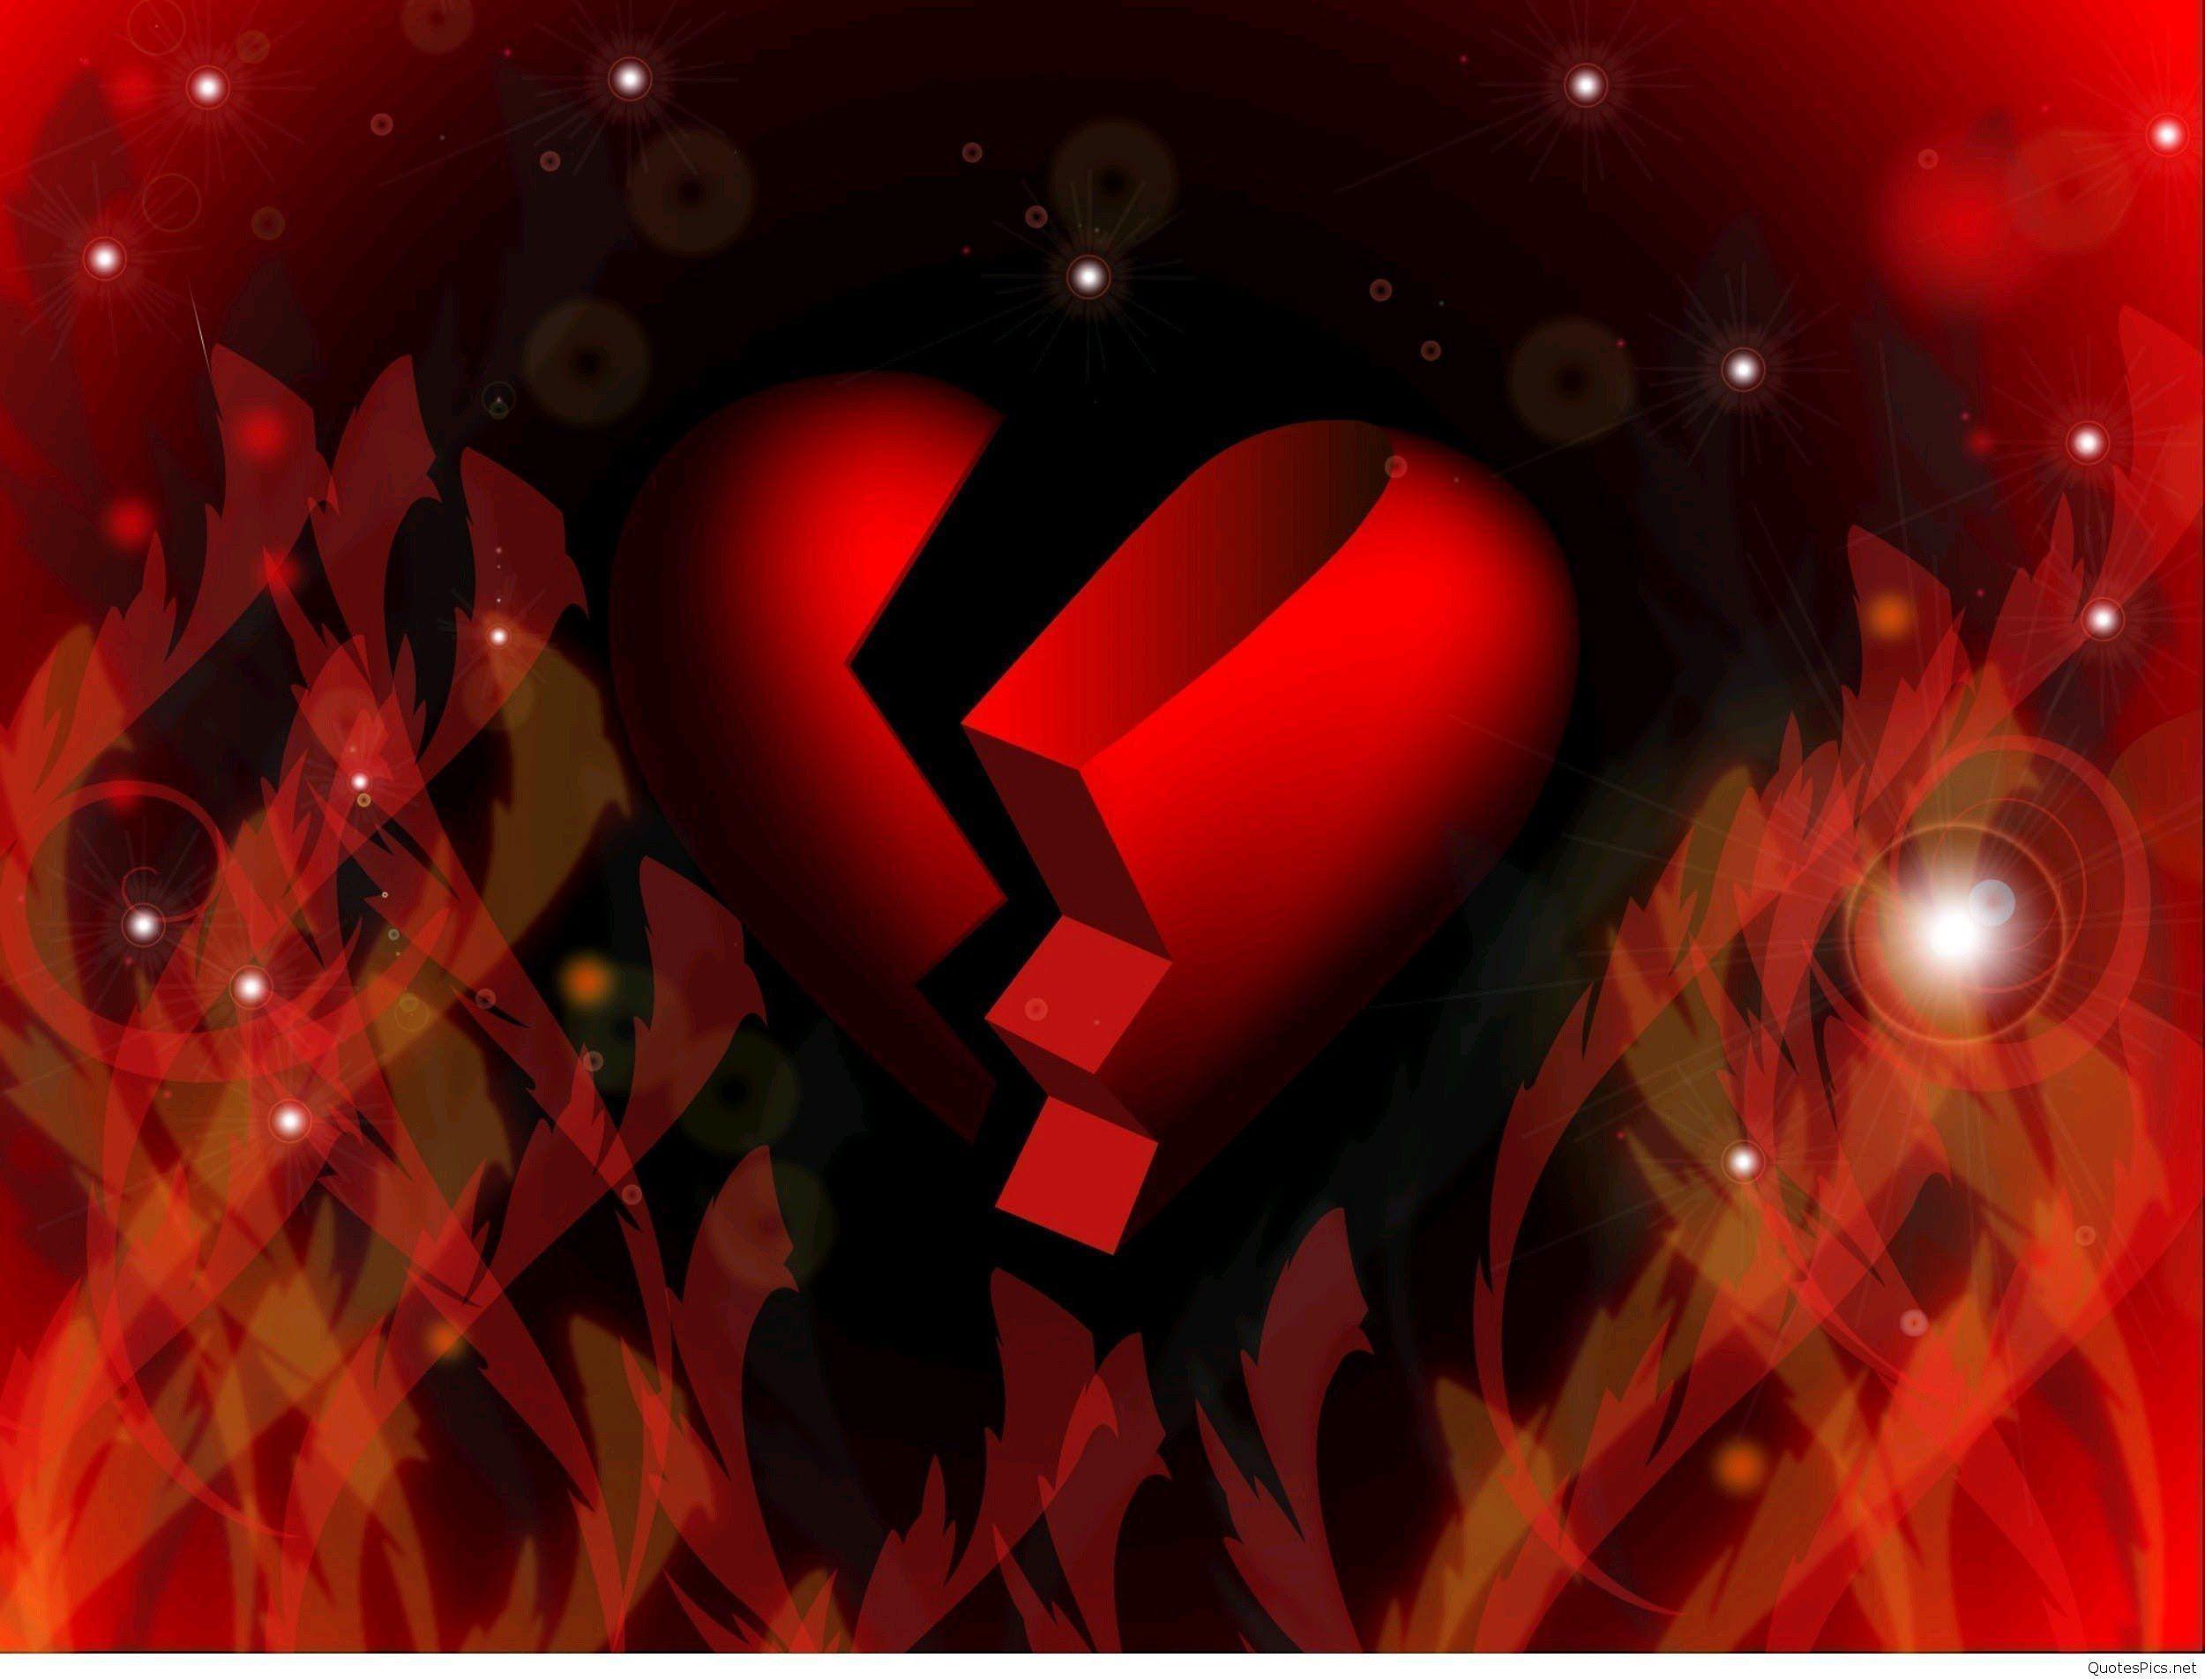 Res: 2500x1905, broken heart images